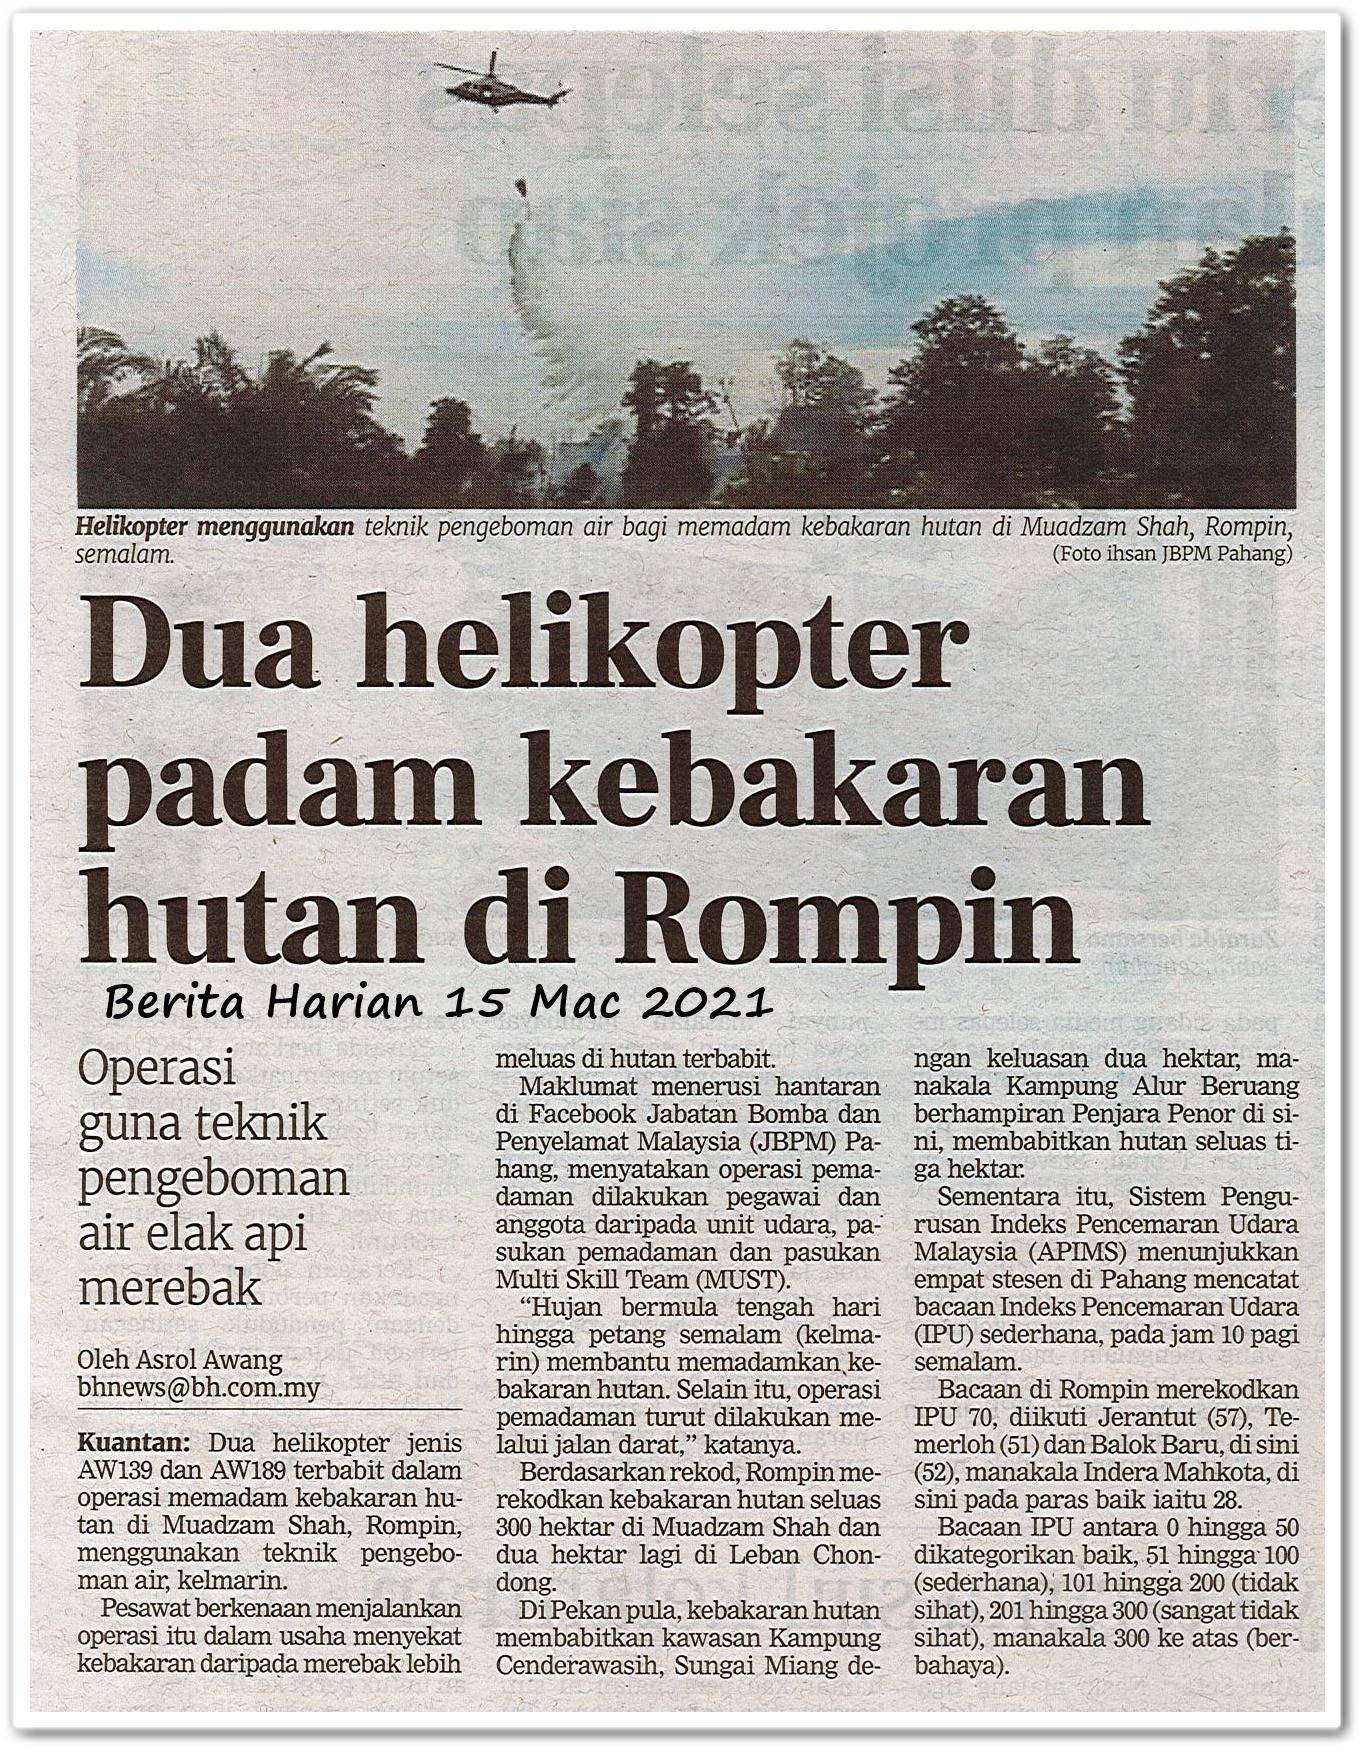 Dua helikopter padam kebakaran hutan di Rompin - Keratan akhbar Berita Harian 15 Mac 2021Dua helikopter padam kebakaran hutan di Rompin - Keratan akhbar Berita Harian 15 Mac 2021